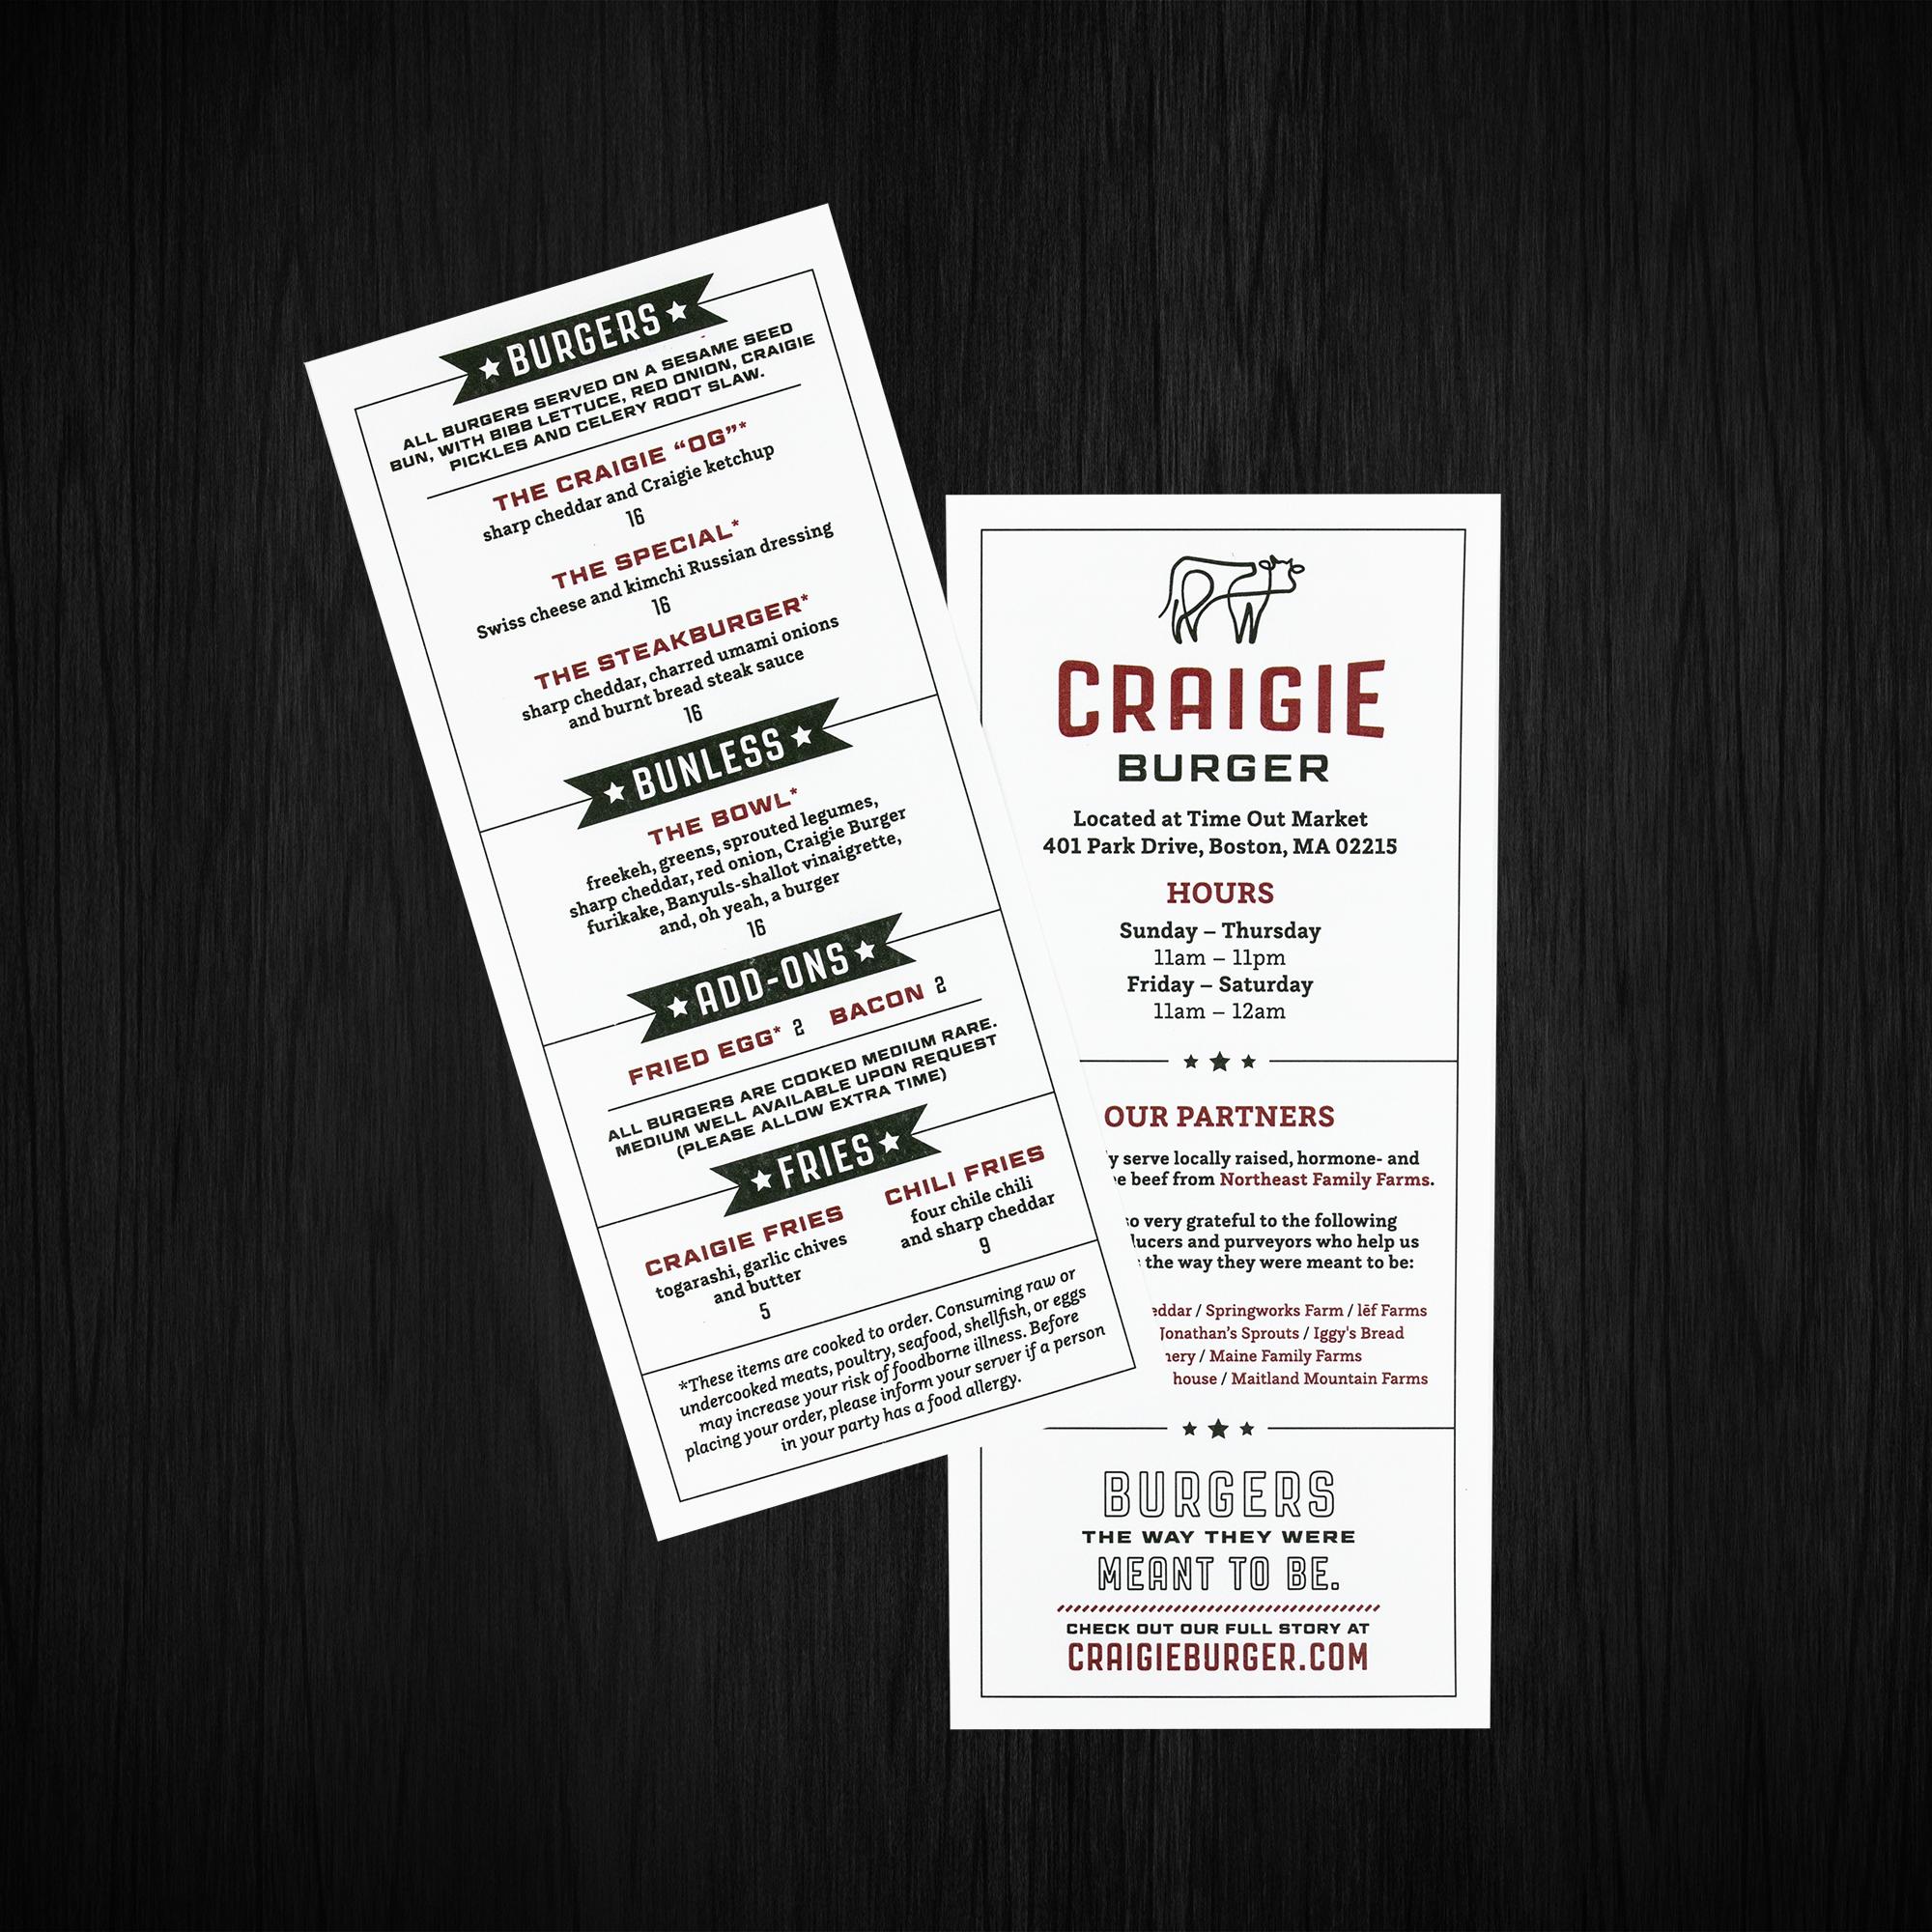 Creative Katz / Craigie Burger